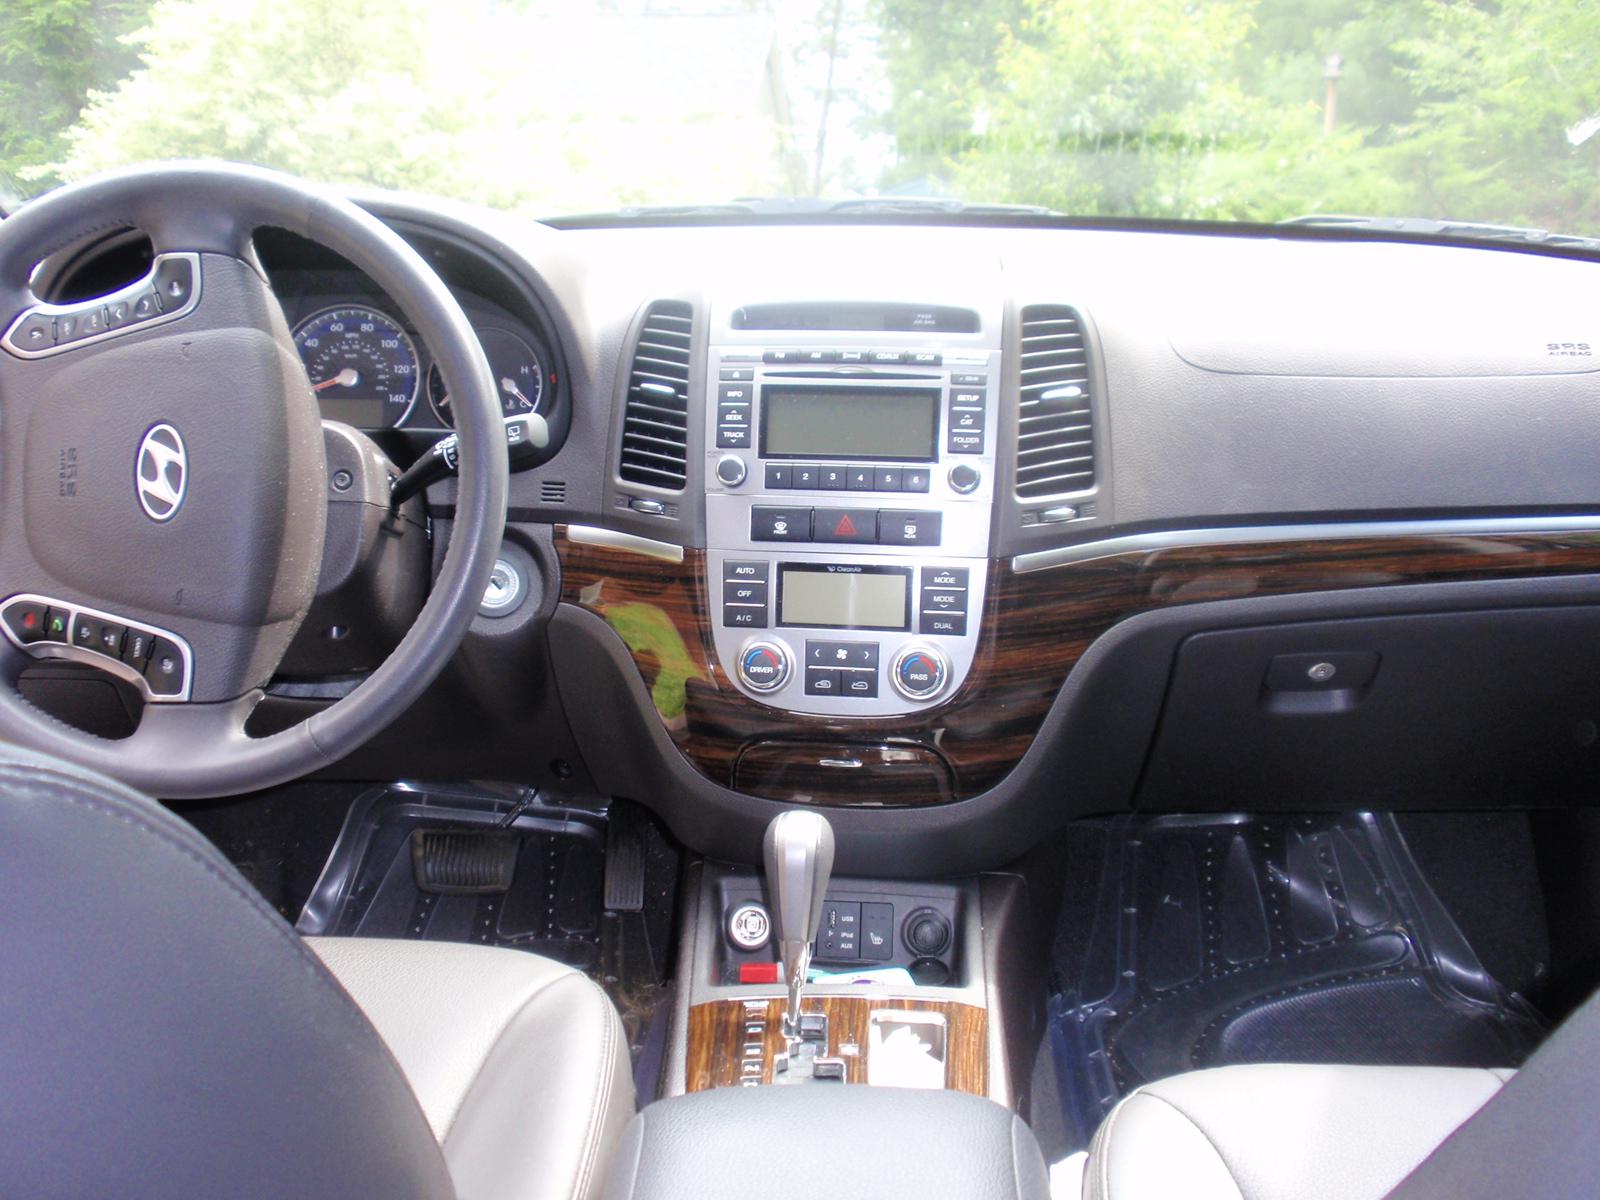 2010 Hyundai Santa Fe Interior Pictures Cargurus